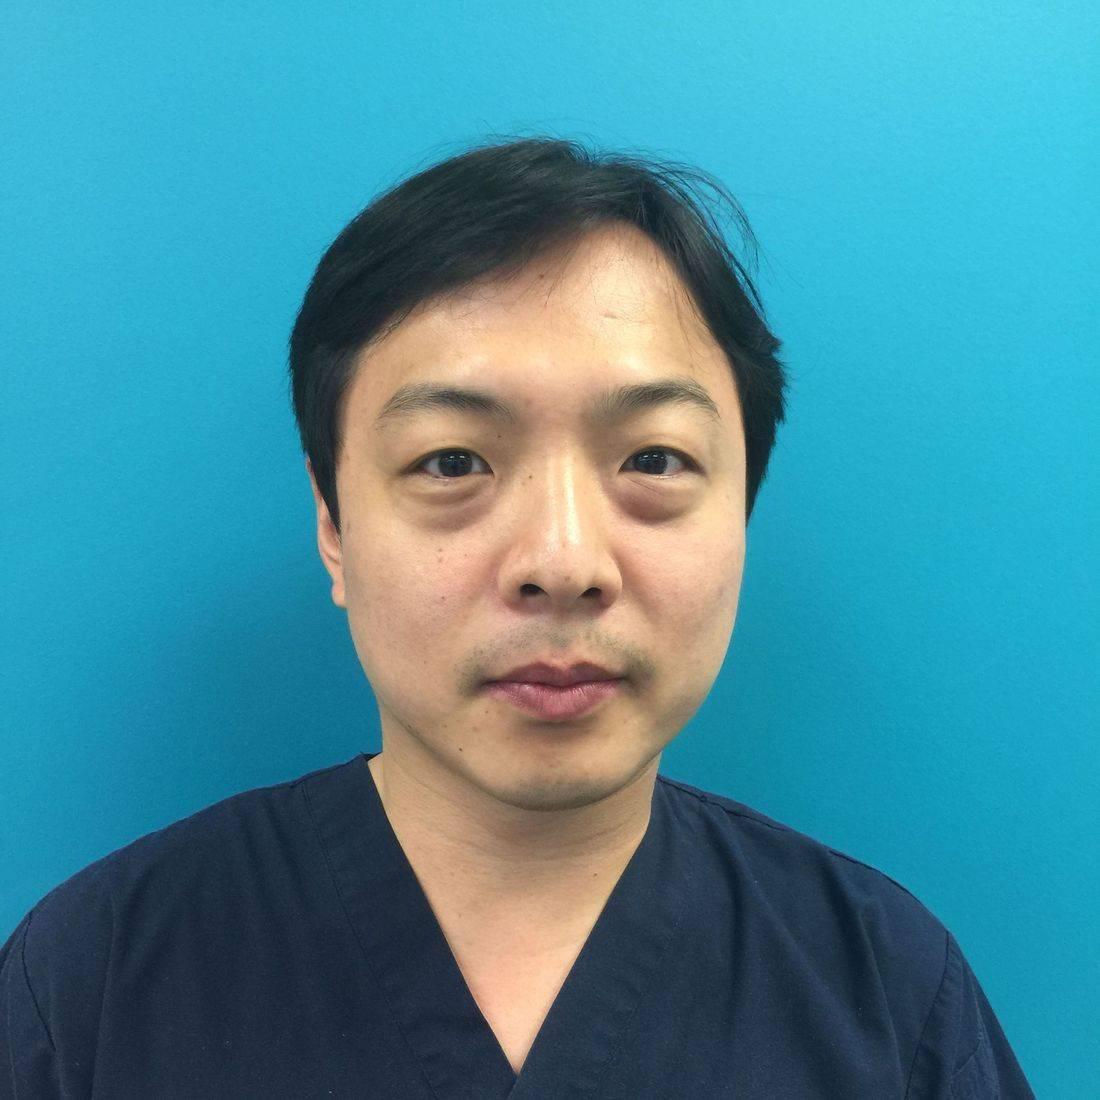 Reflexologist Surrey, Body Works Therapist Surrey